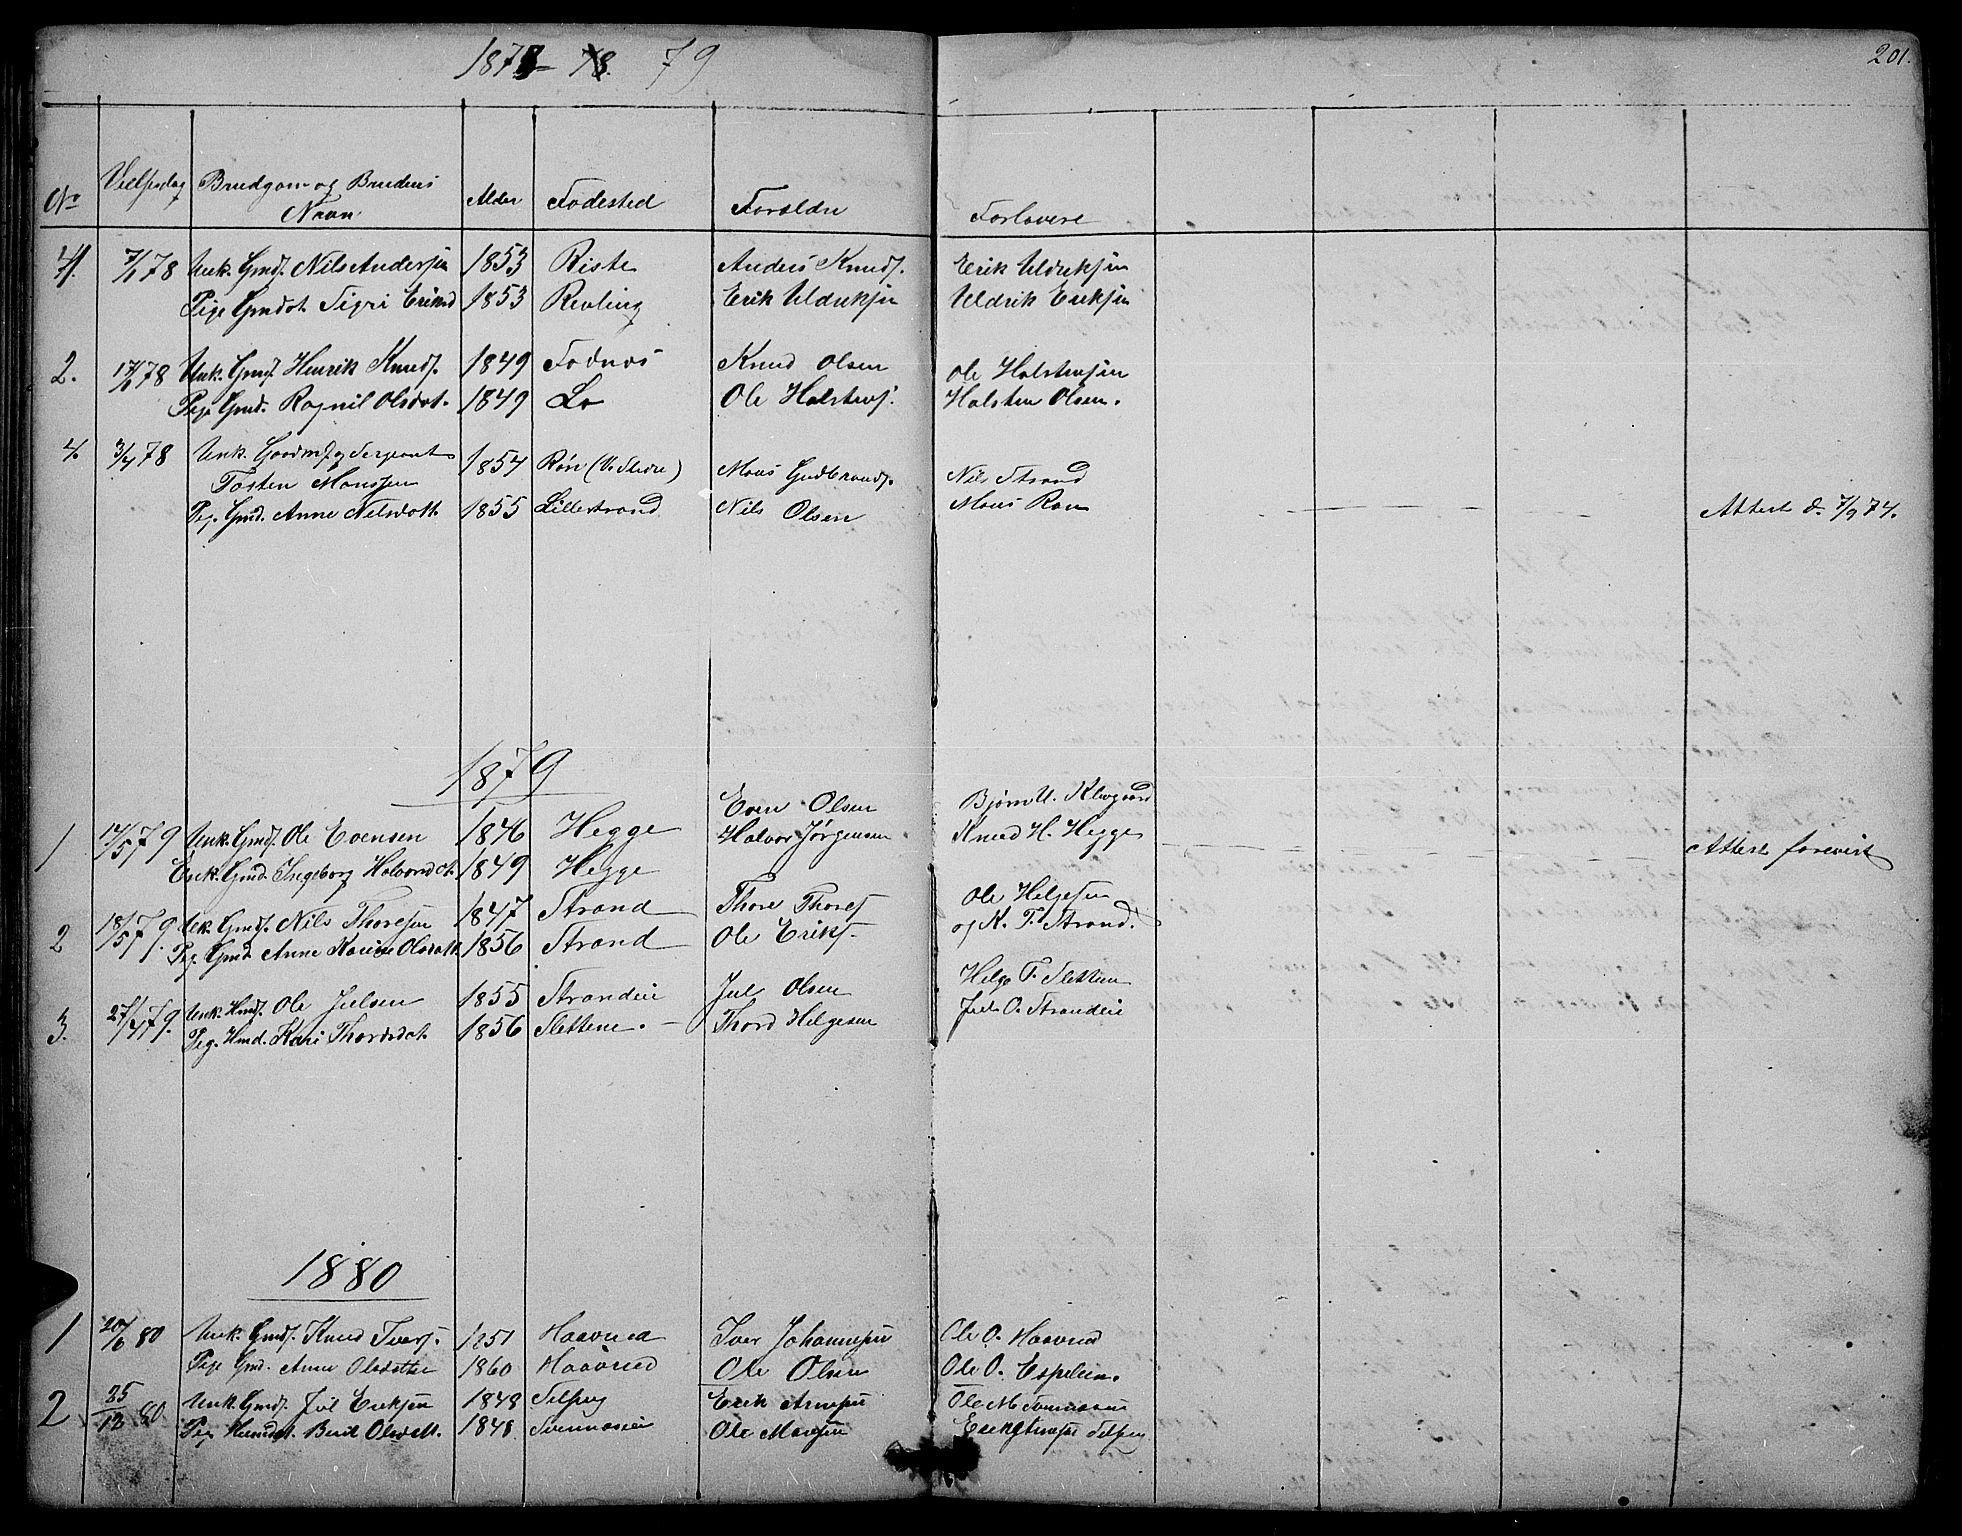 SAH, Nord-Aurdal prestekontor, Klokkerbok nr. 3, 1842-1882, s. 201